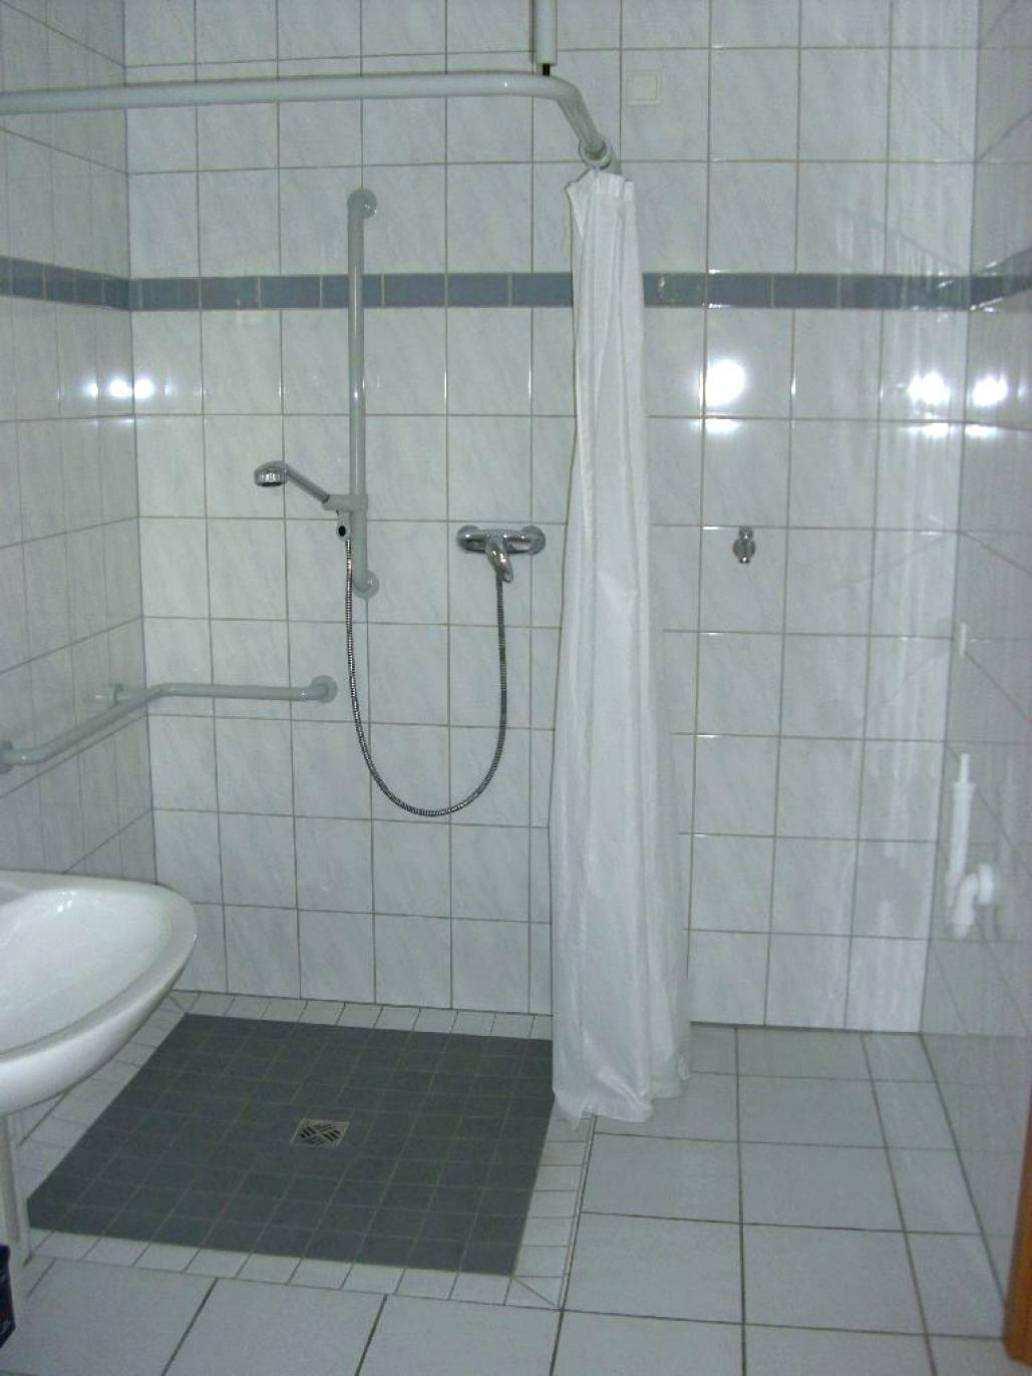 Full Size of Dusche Ebenerdig Umbauen Badezimmer Behindertengerecht Ebenerdige Kosten Pendeltür Grohe Thermostat Begehbare 90x90 Bodengleiche Glasabtrennung Fliesen Dusche Dusche Ebenerdig